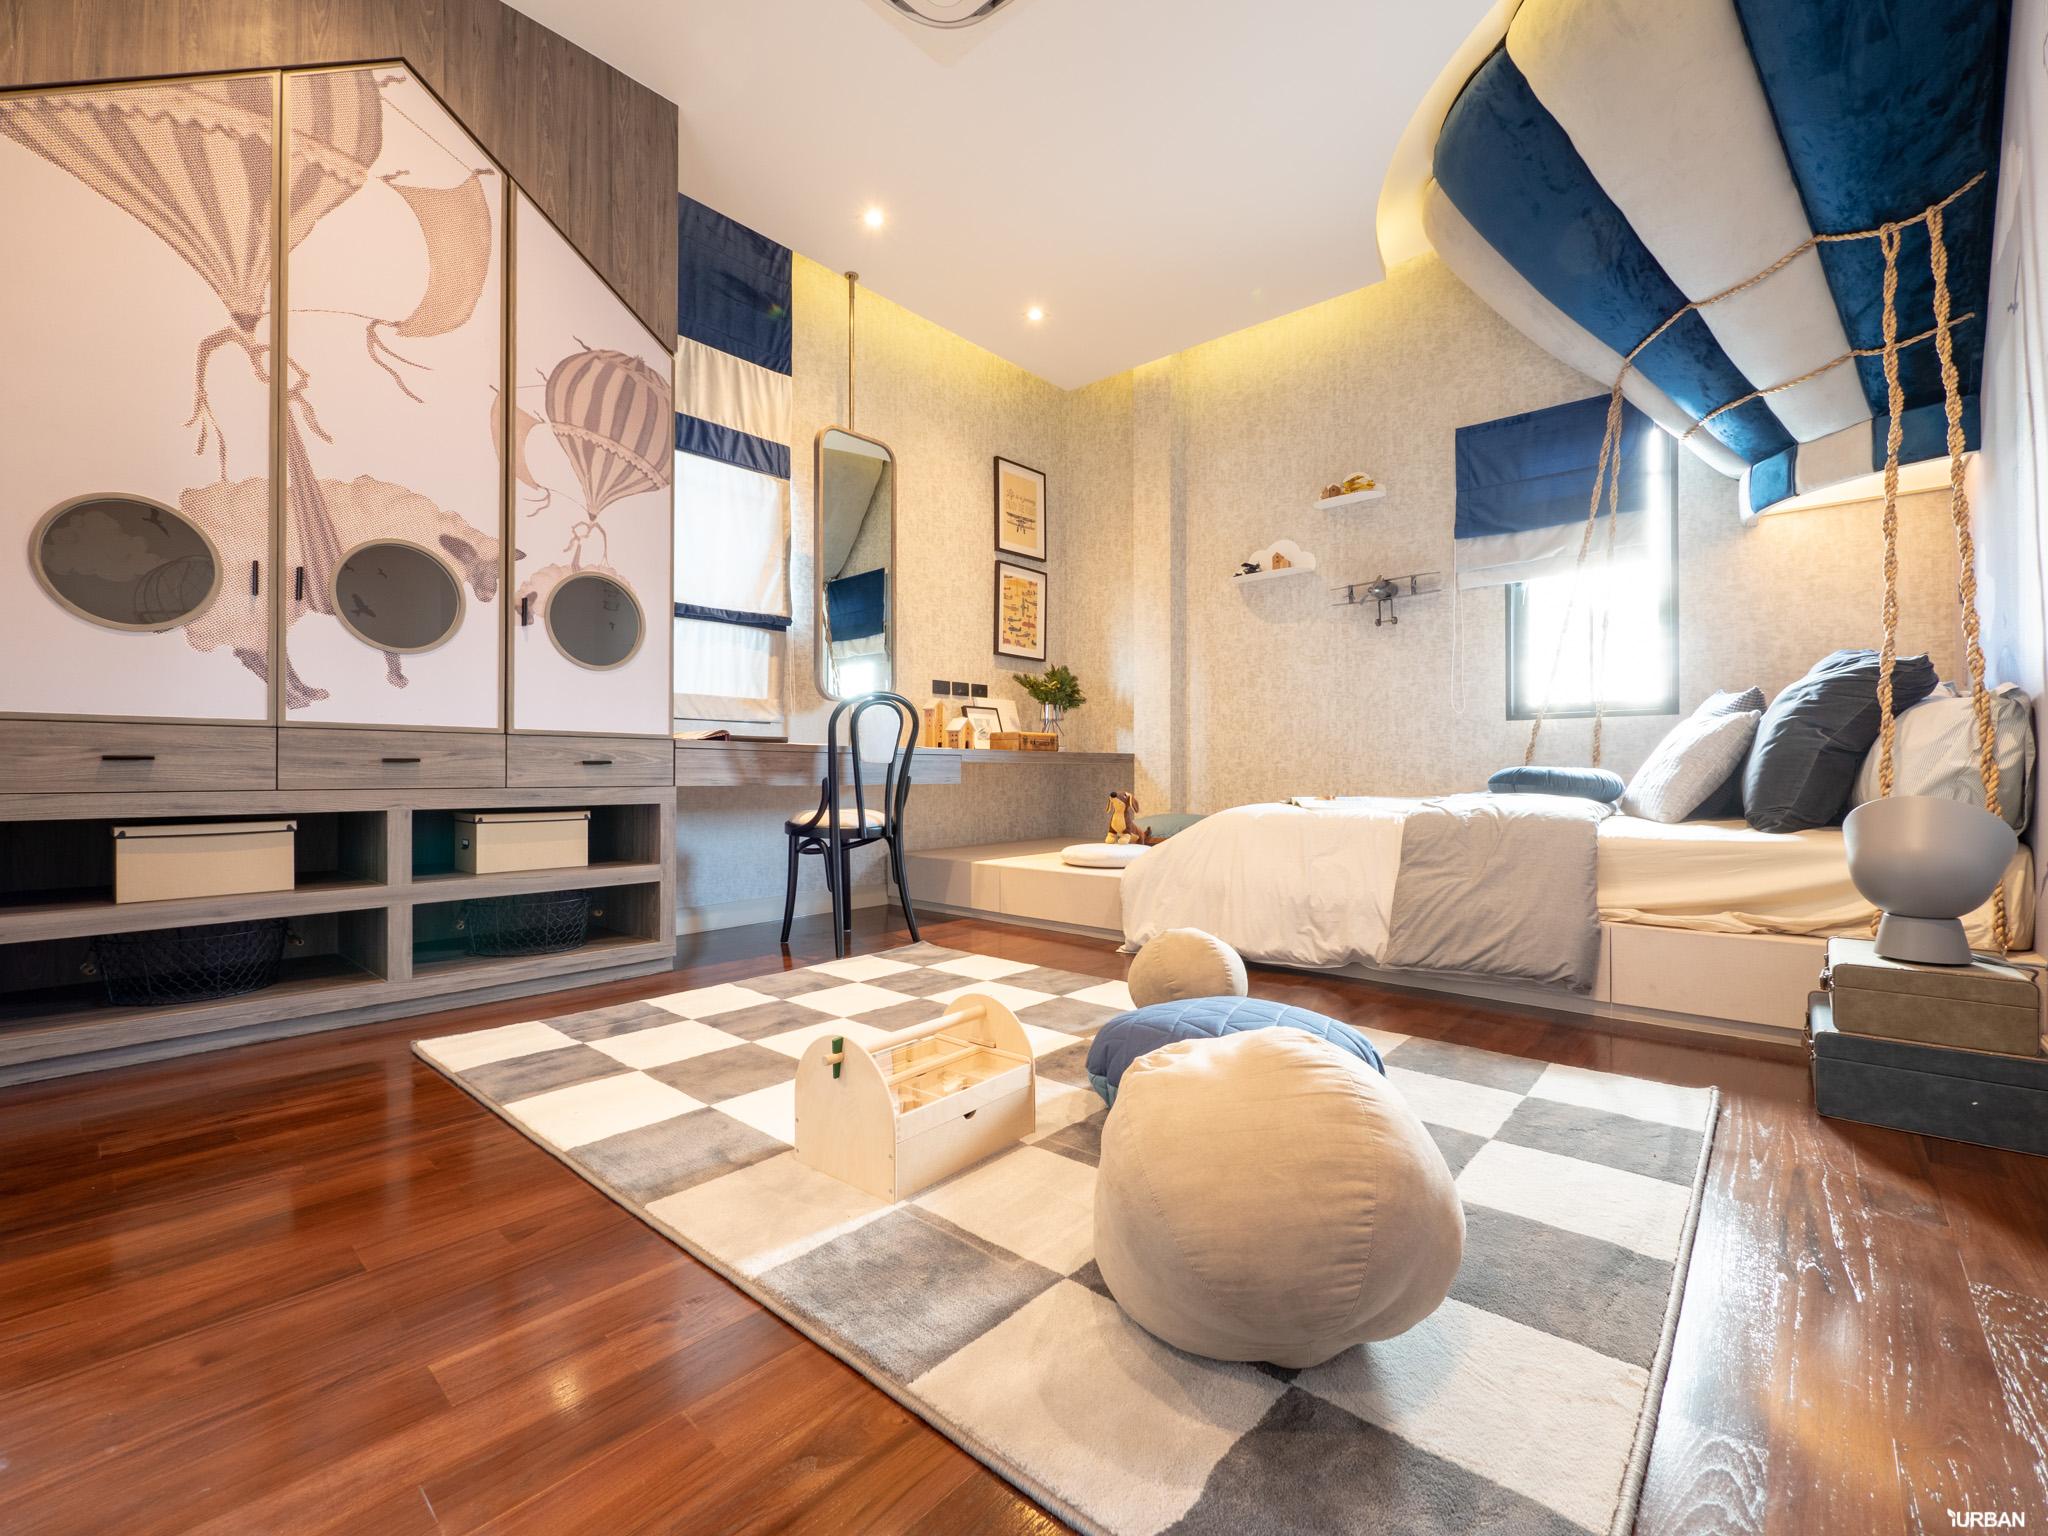 รีวิว บางกอก บูเลอวาร์ด รามอินทรา-เสรีไทย 2 <br>บ้านเดี่ยวสไตล์ Luxury Nordic เพียง 77 ครอบครัว</br> 169 - Boulevard